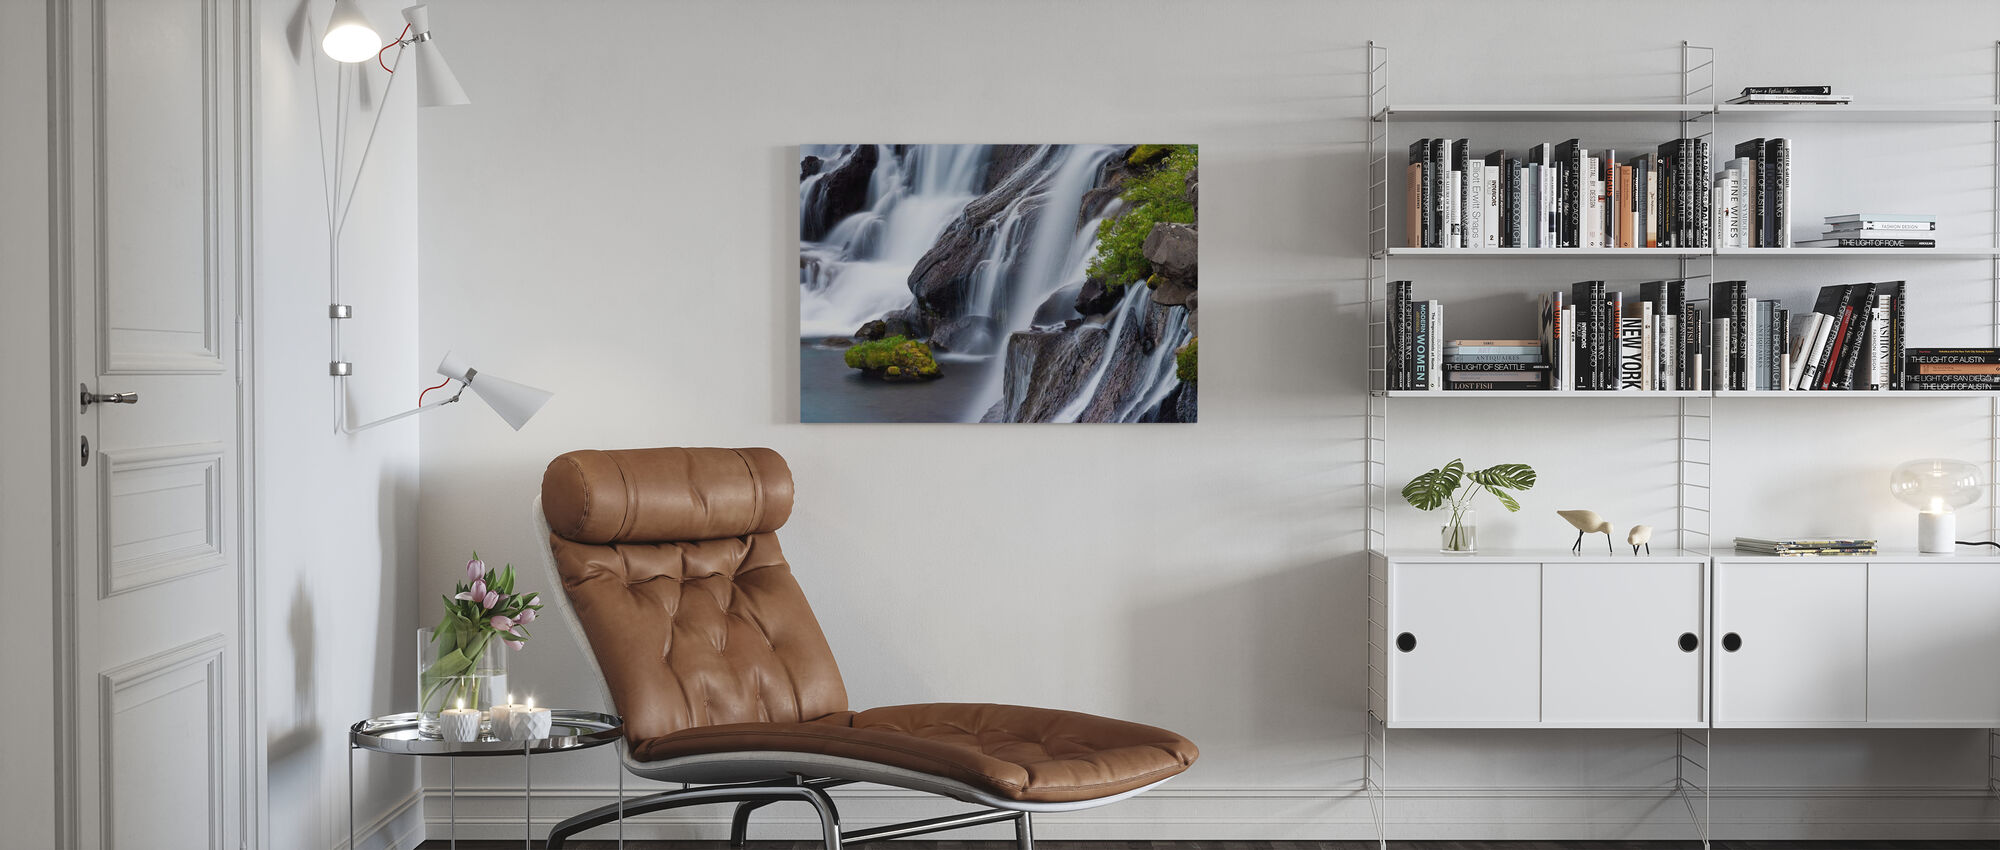 Hraunfossar Watervallen in IJsland - Canvas print - Woonkamer